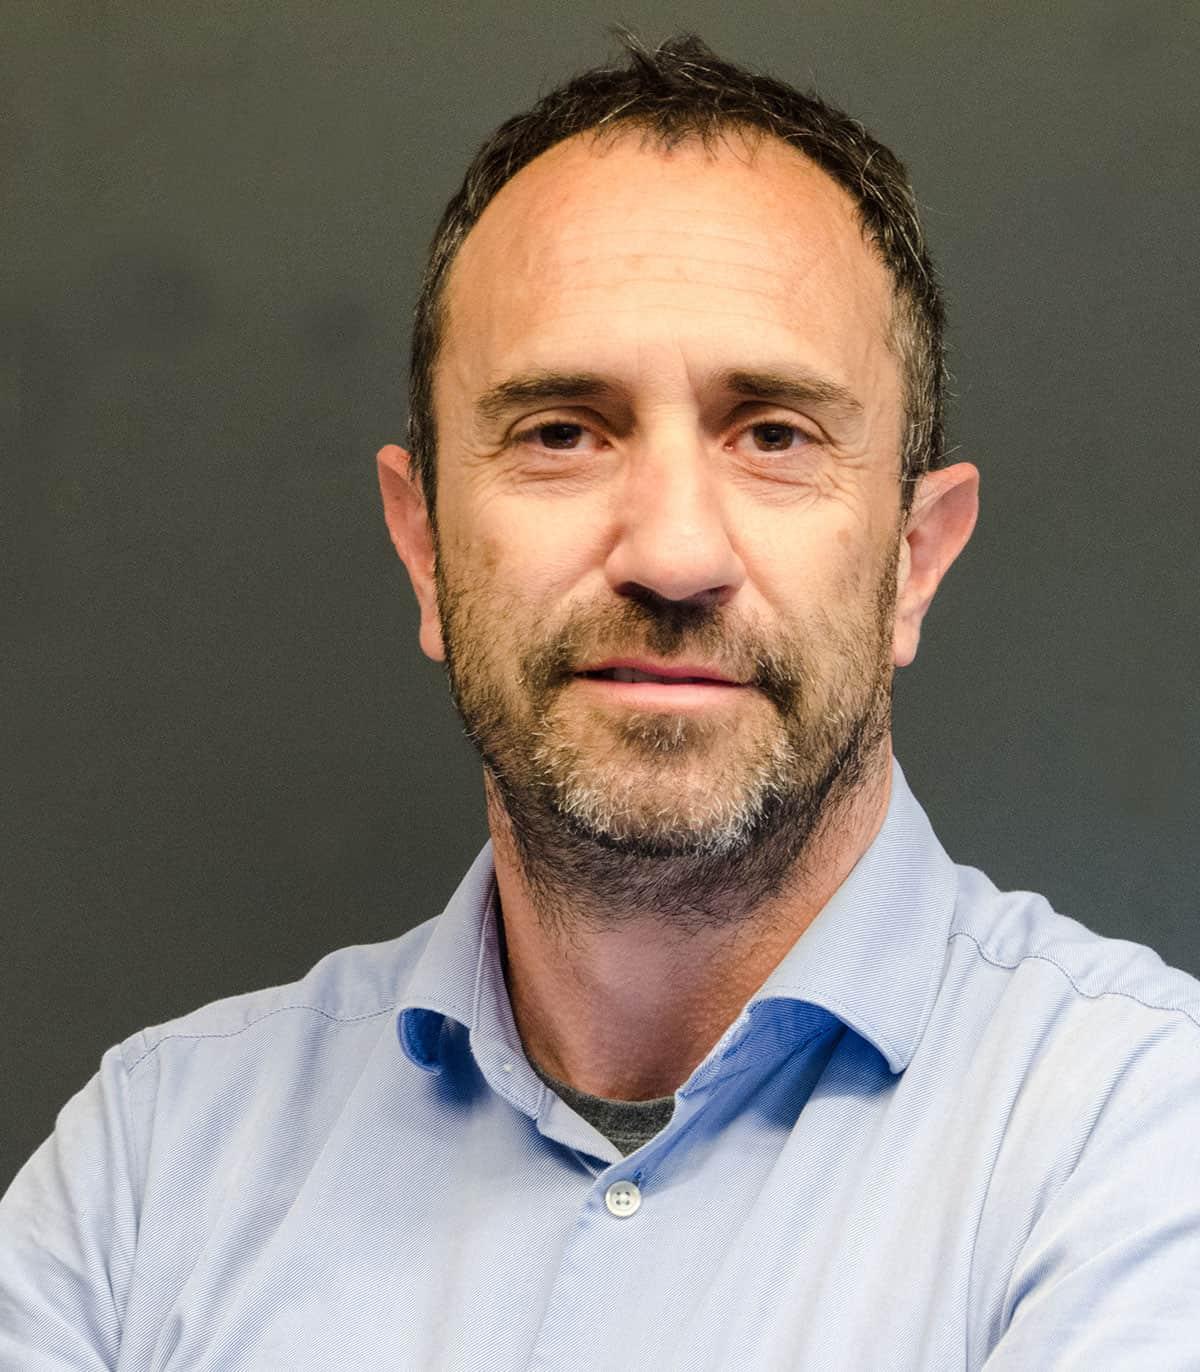 Luciano Brancati